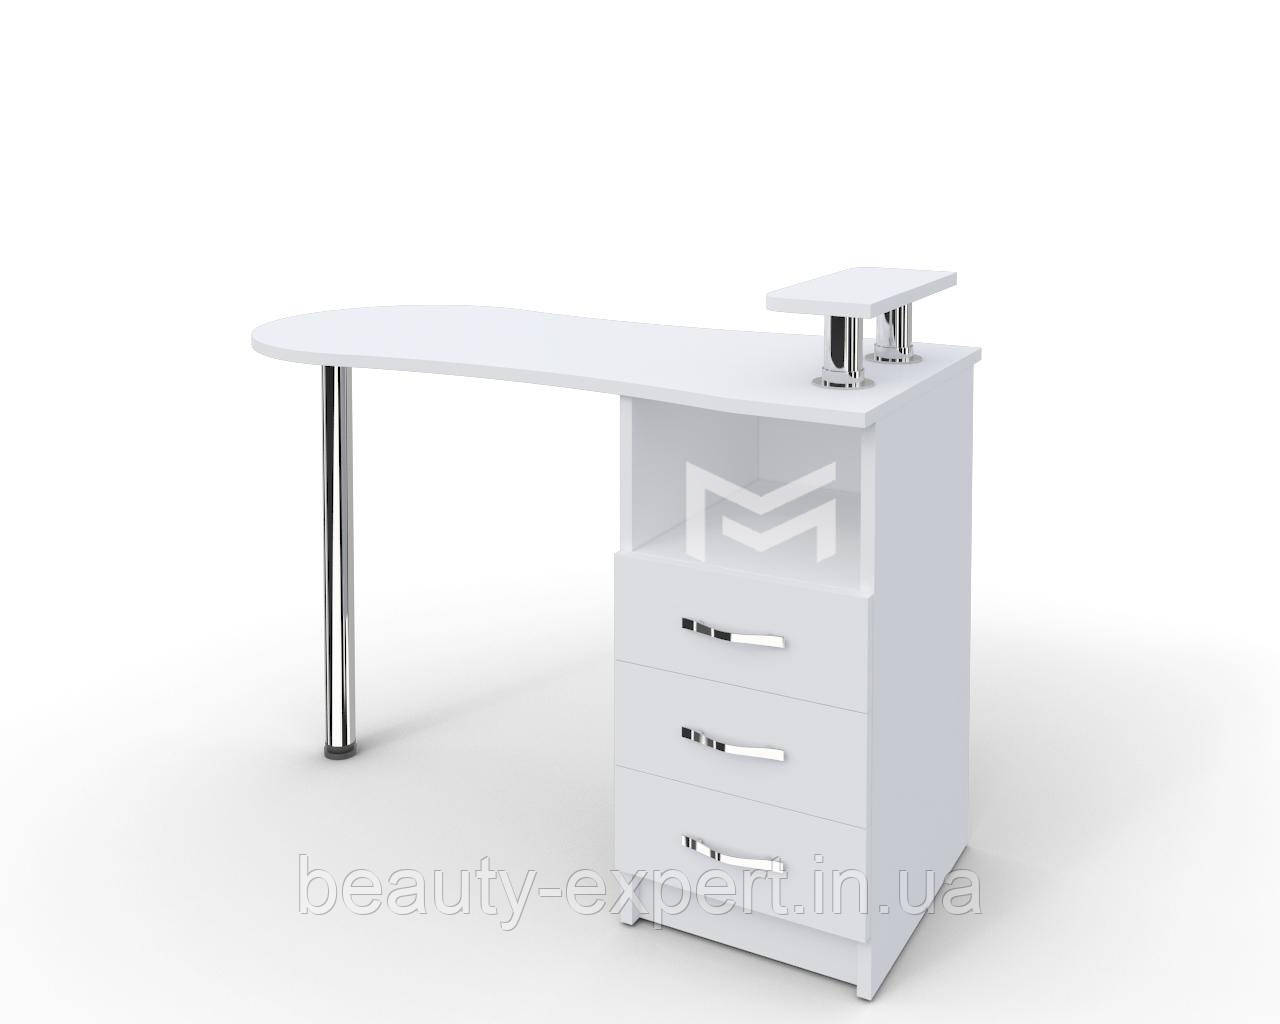 """Стол для маникюра с подставкой под лаки в салон красоты, маникюрный стол для парикмахерской M102 """"Эстет №2"""""""